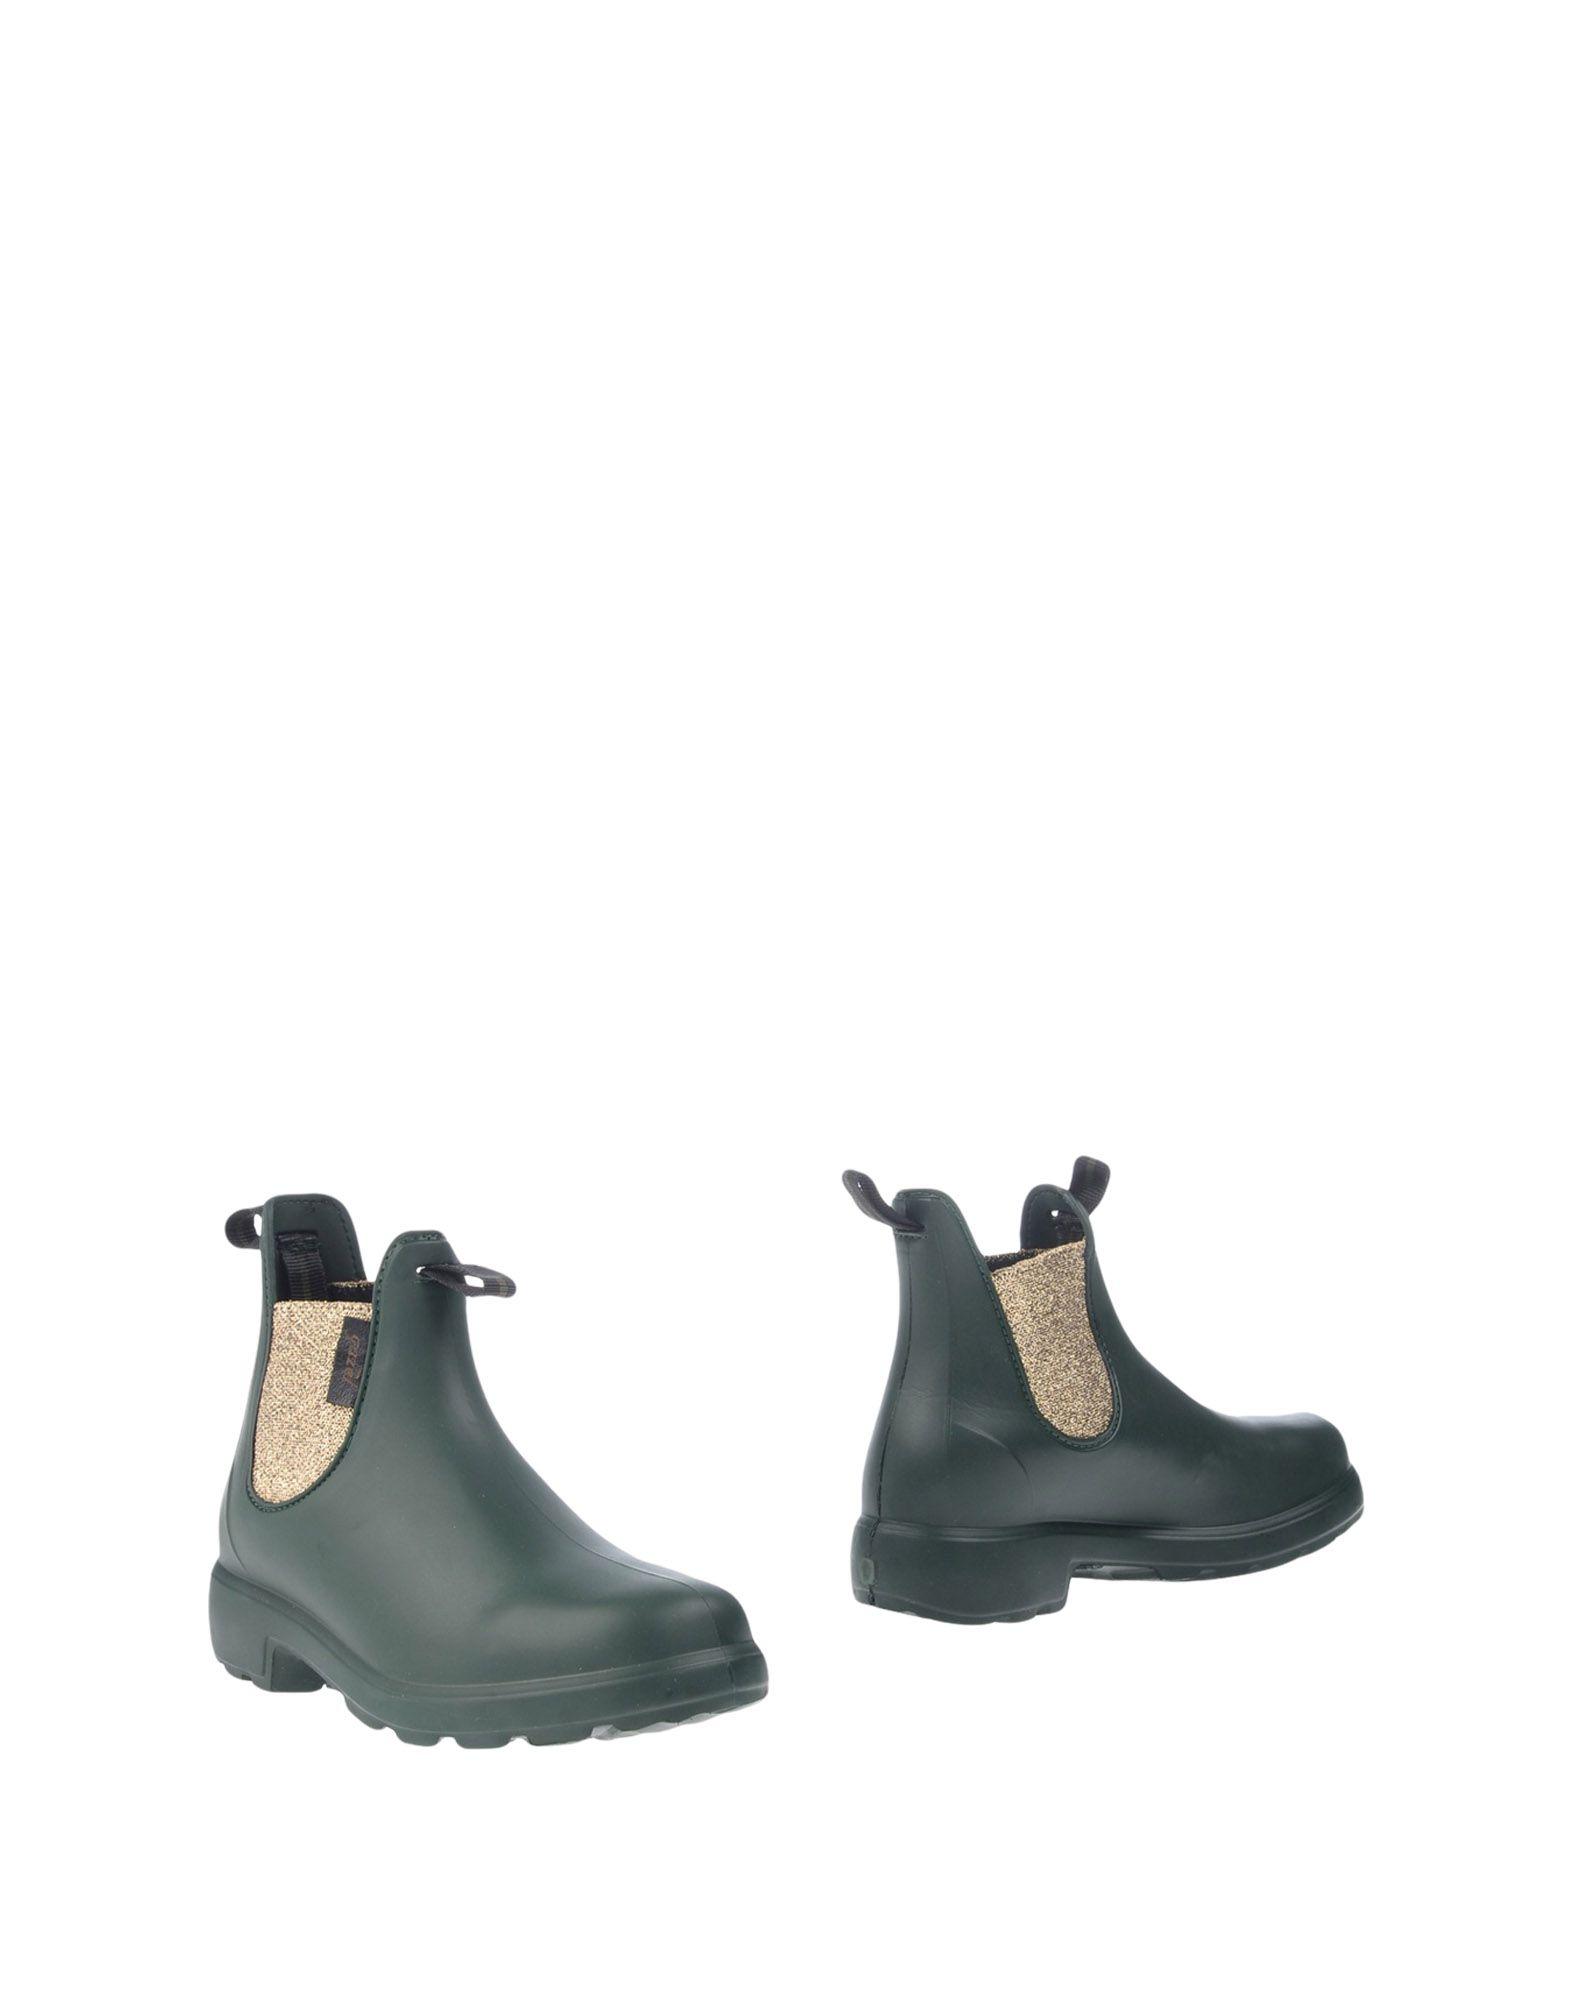 GAZEL Полусапоги и высокие ботинки купить футбольную форму челси торрес